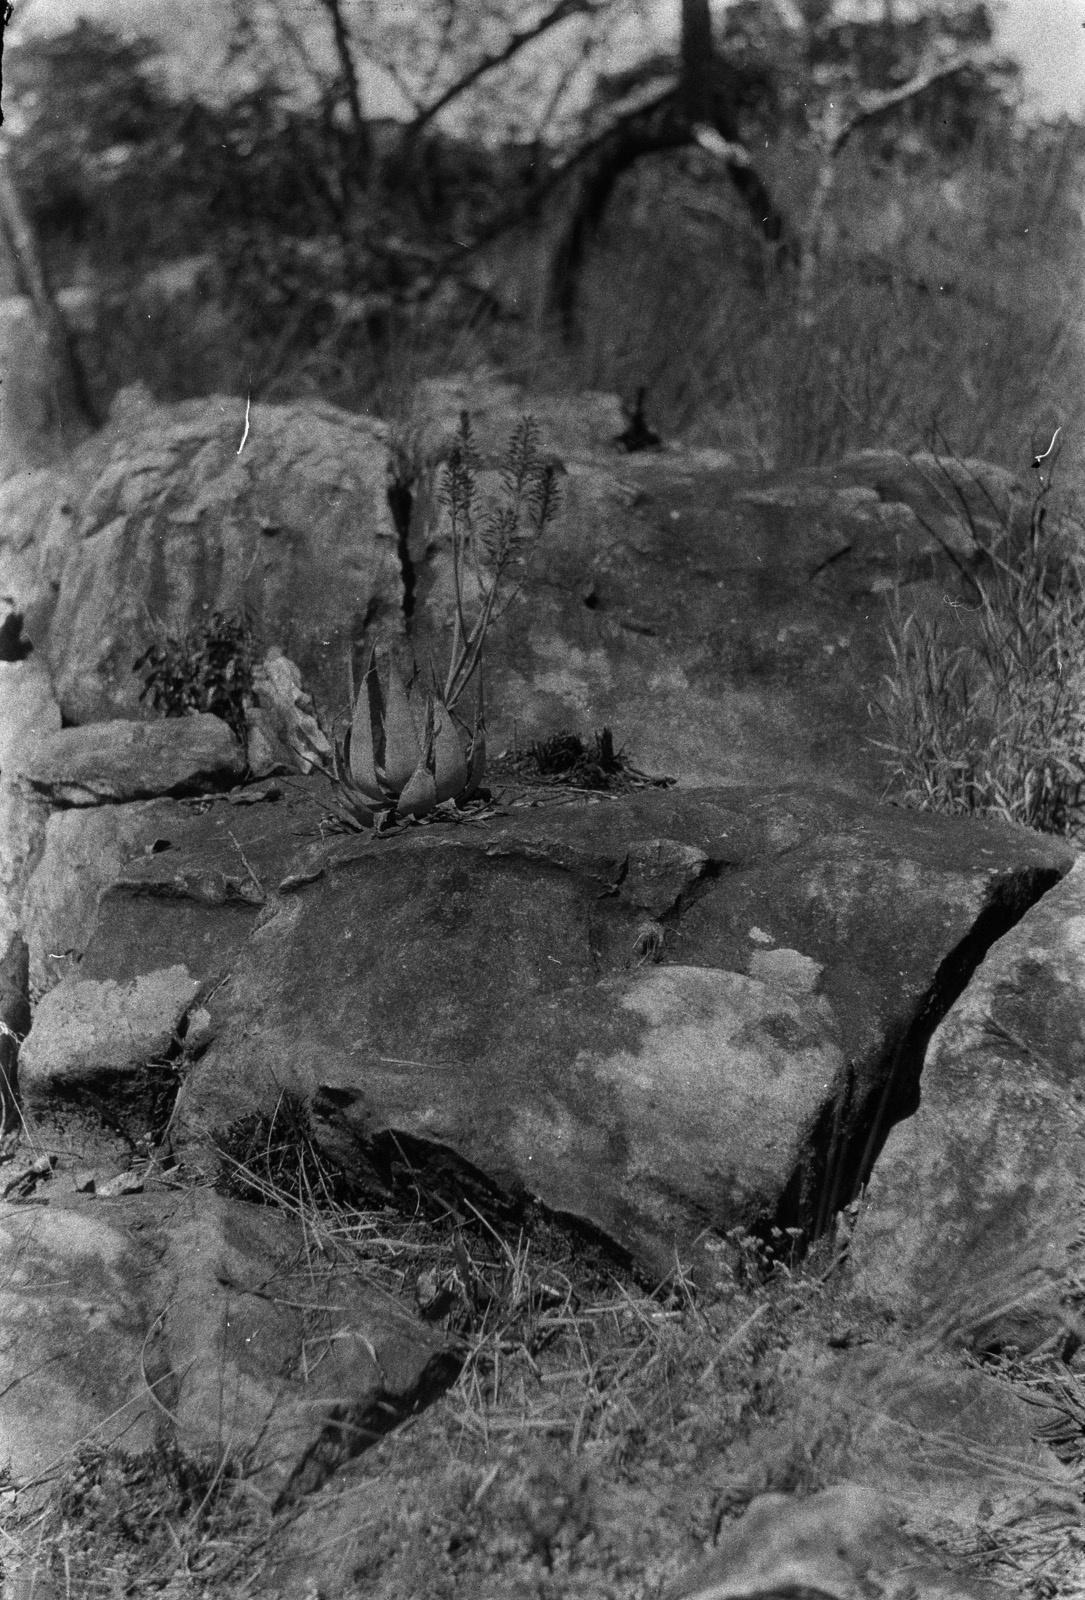 Между Капири Мпоши и рекой Лунсемфва. Маленькая цветущая агава на кварцитовой скале